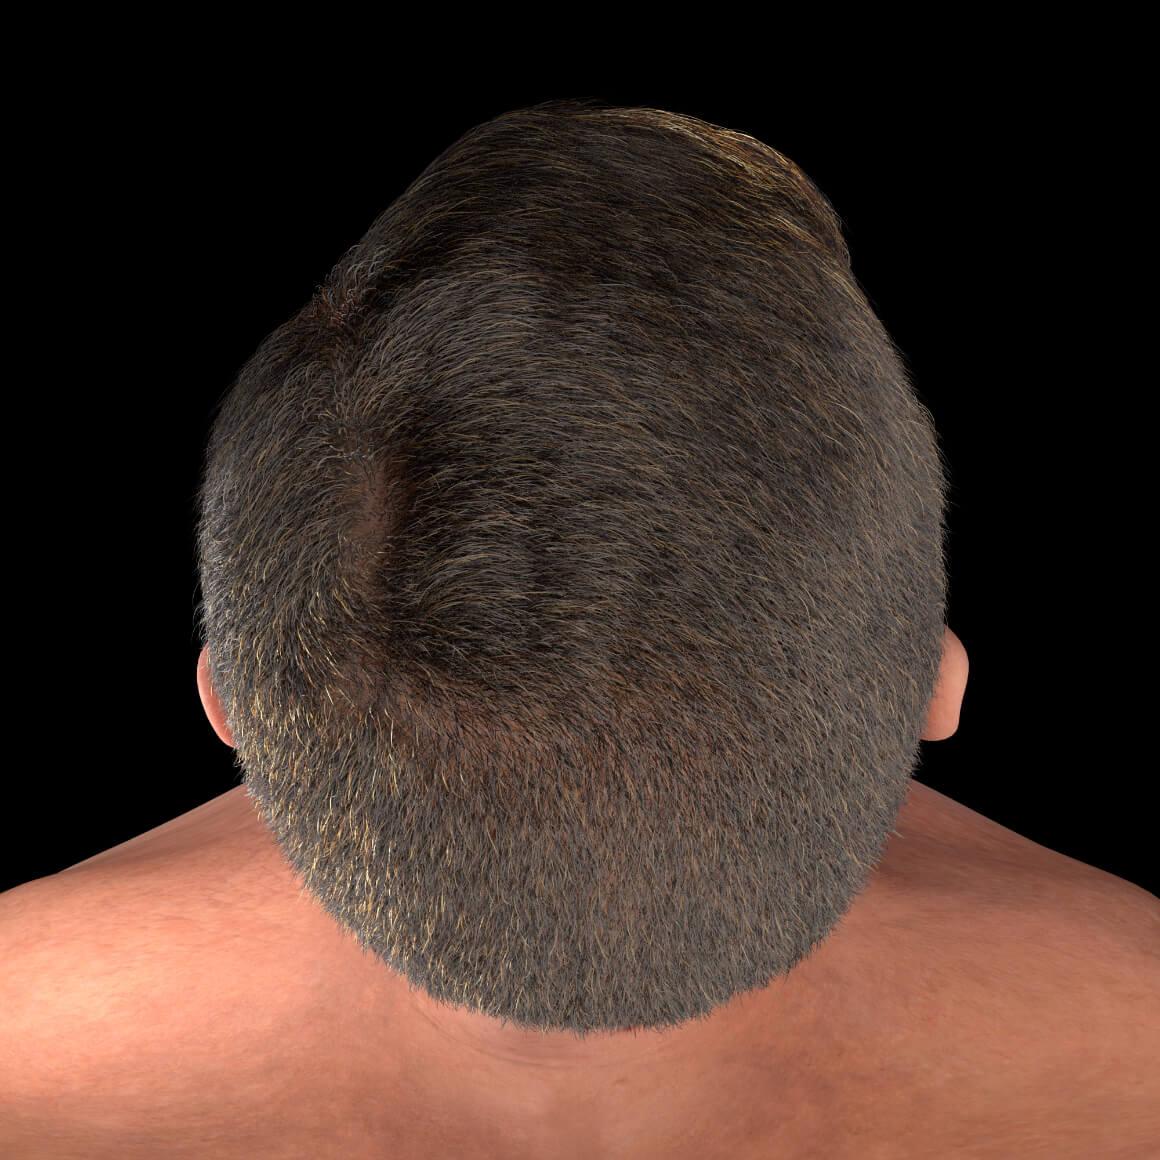 Cuir chevelu d'un patient de la Clinique Chloé après des traitements de plasma riche en plaquettes contre la perte de cheveux